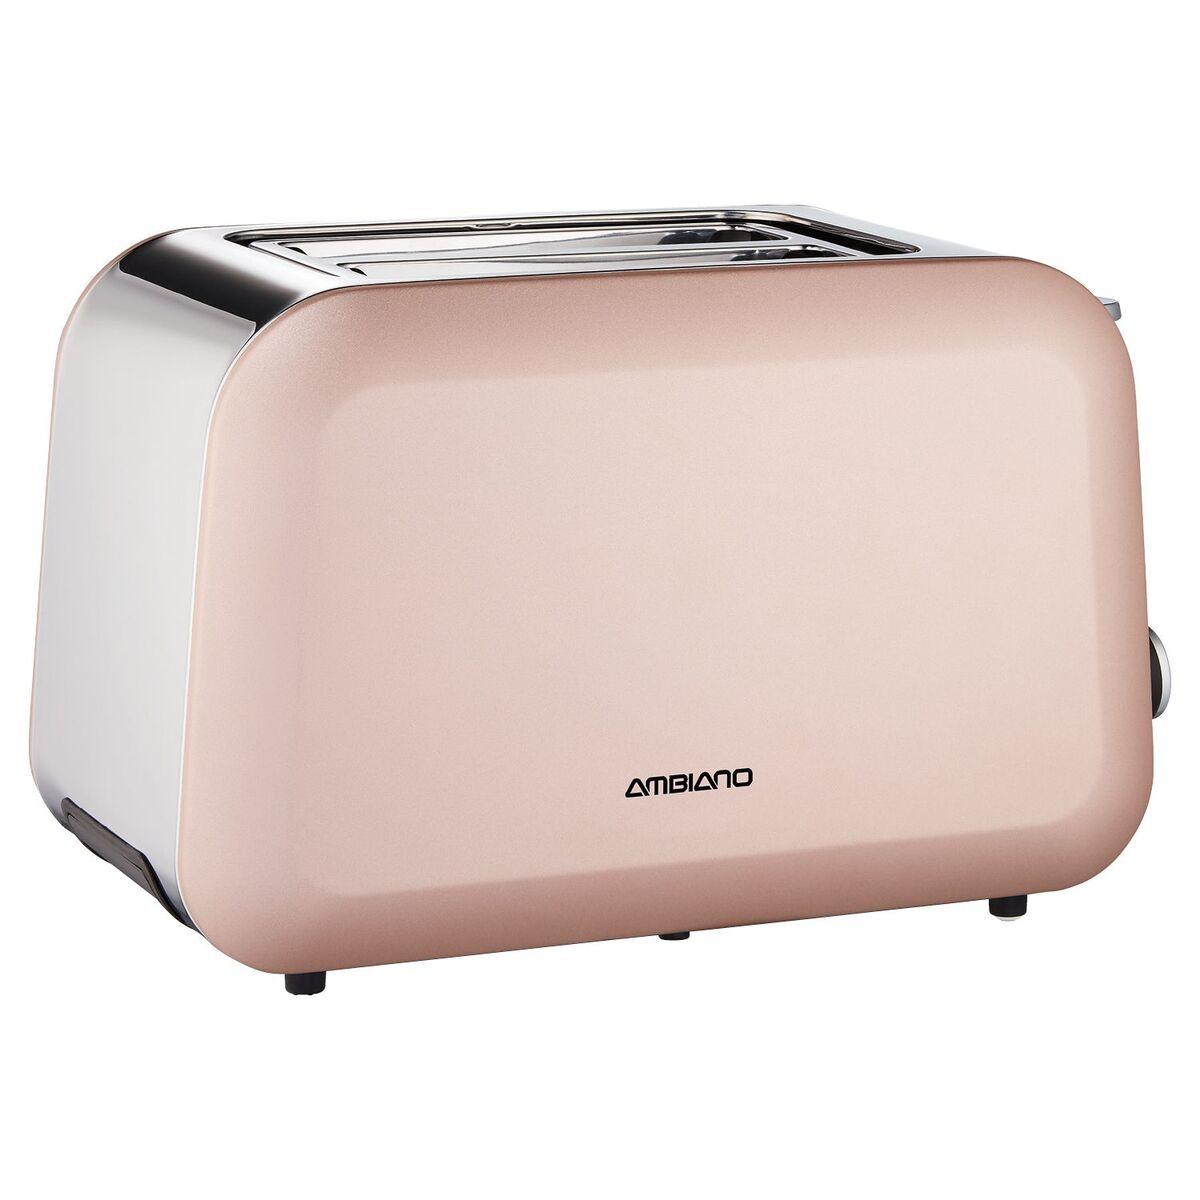 Bild 3 von AMBIANO®  Edelstahl-Toaster